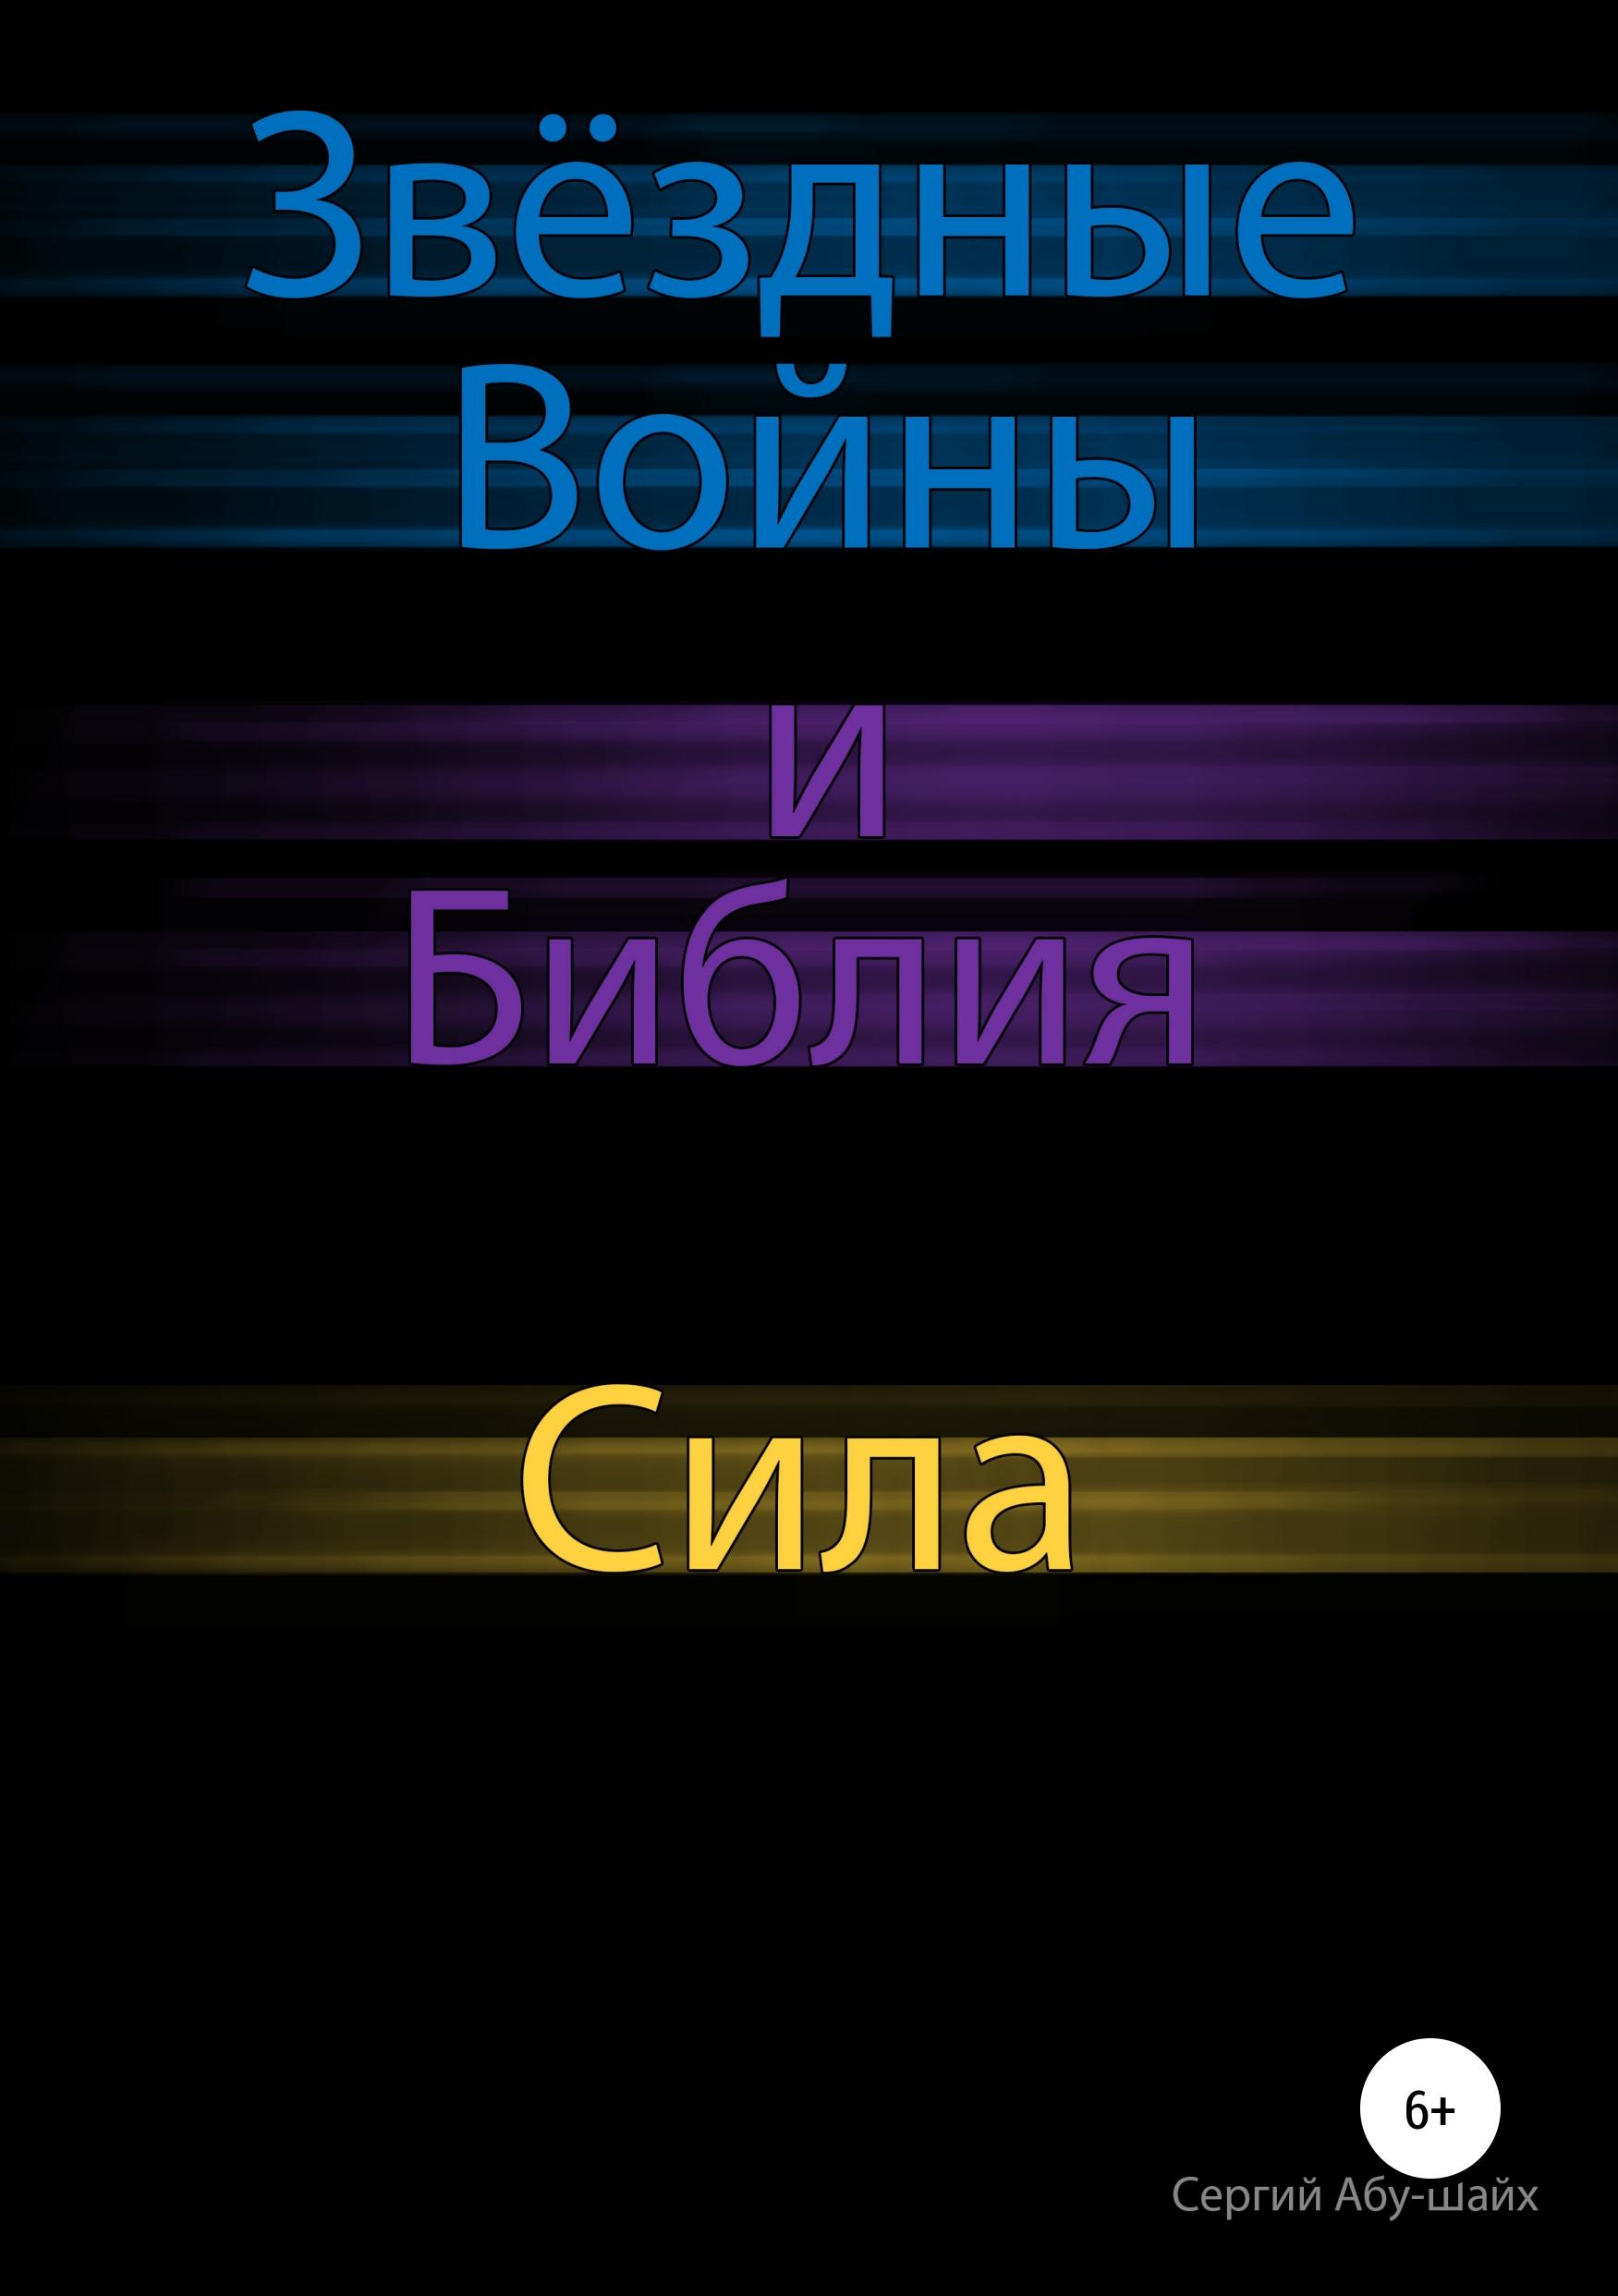 Сергий Сергиев Абу-Шайх Звёздные Войны и Библия: Сила